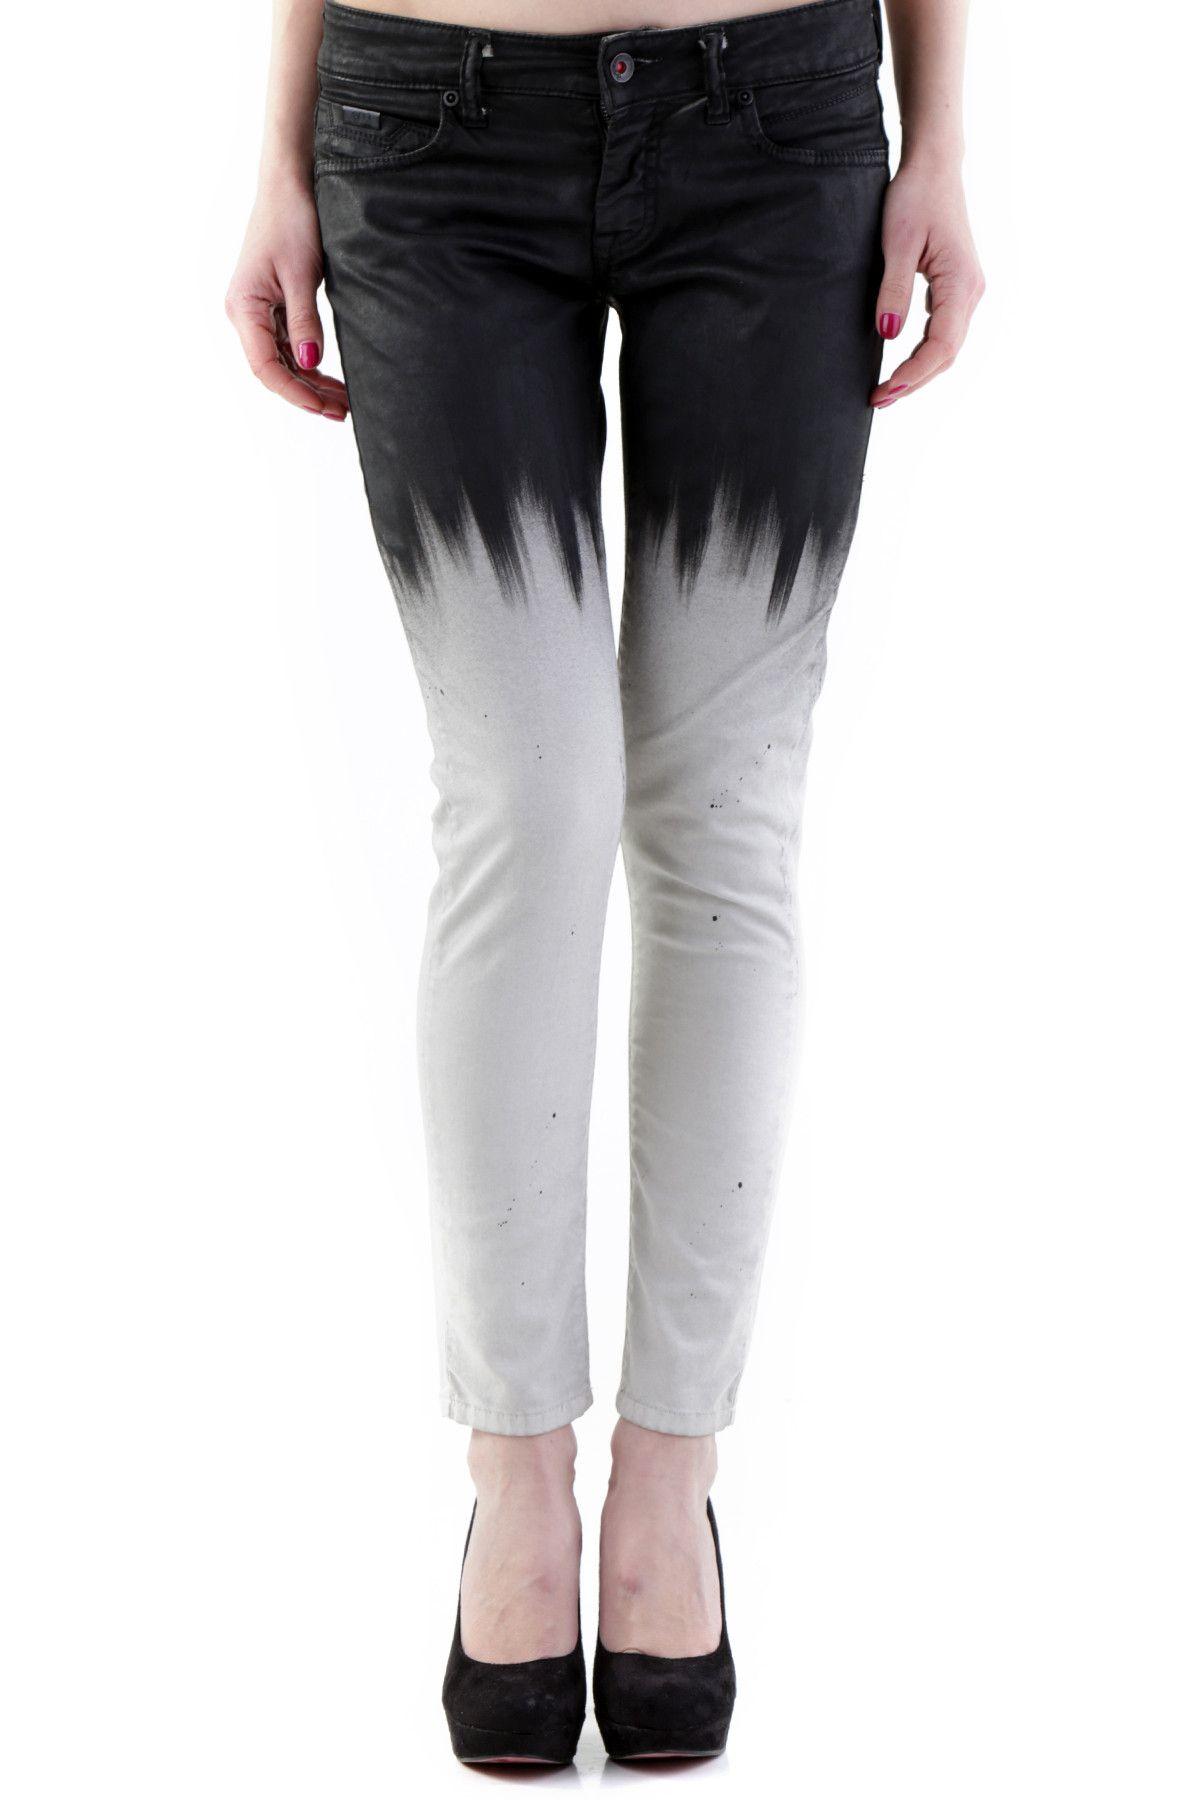 Bray Steve Alan Women's Jeans In Black